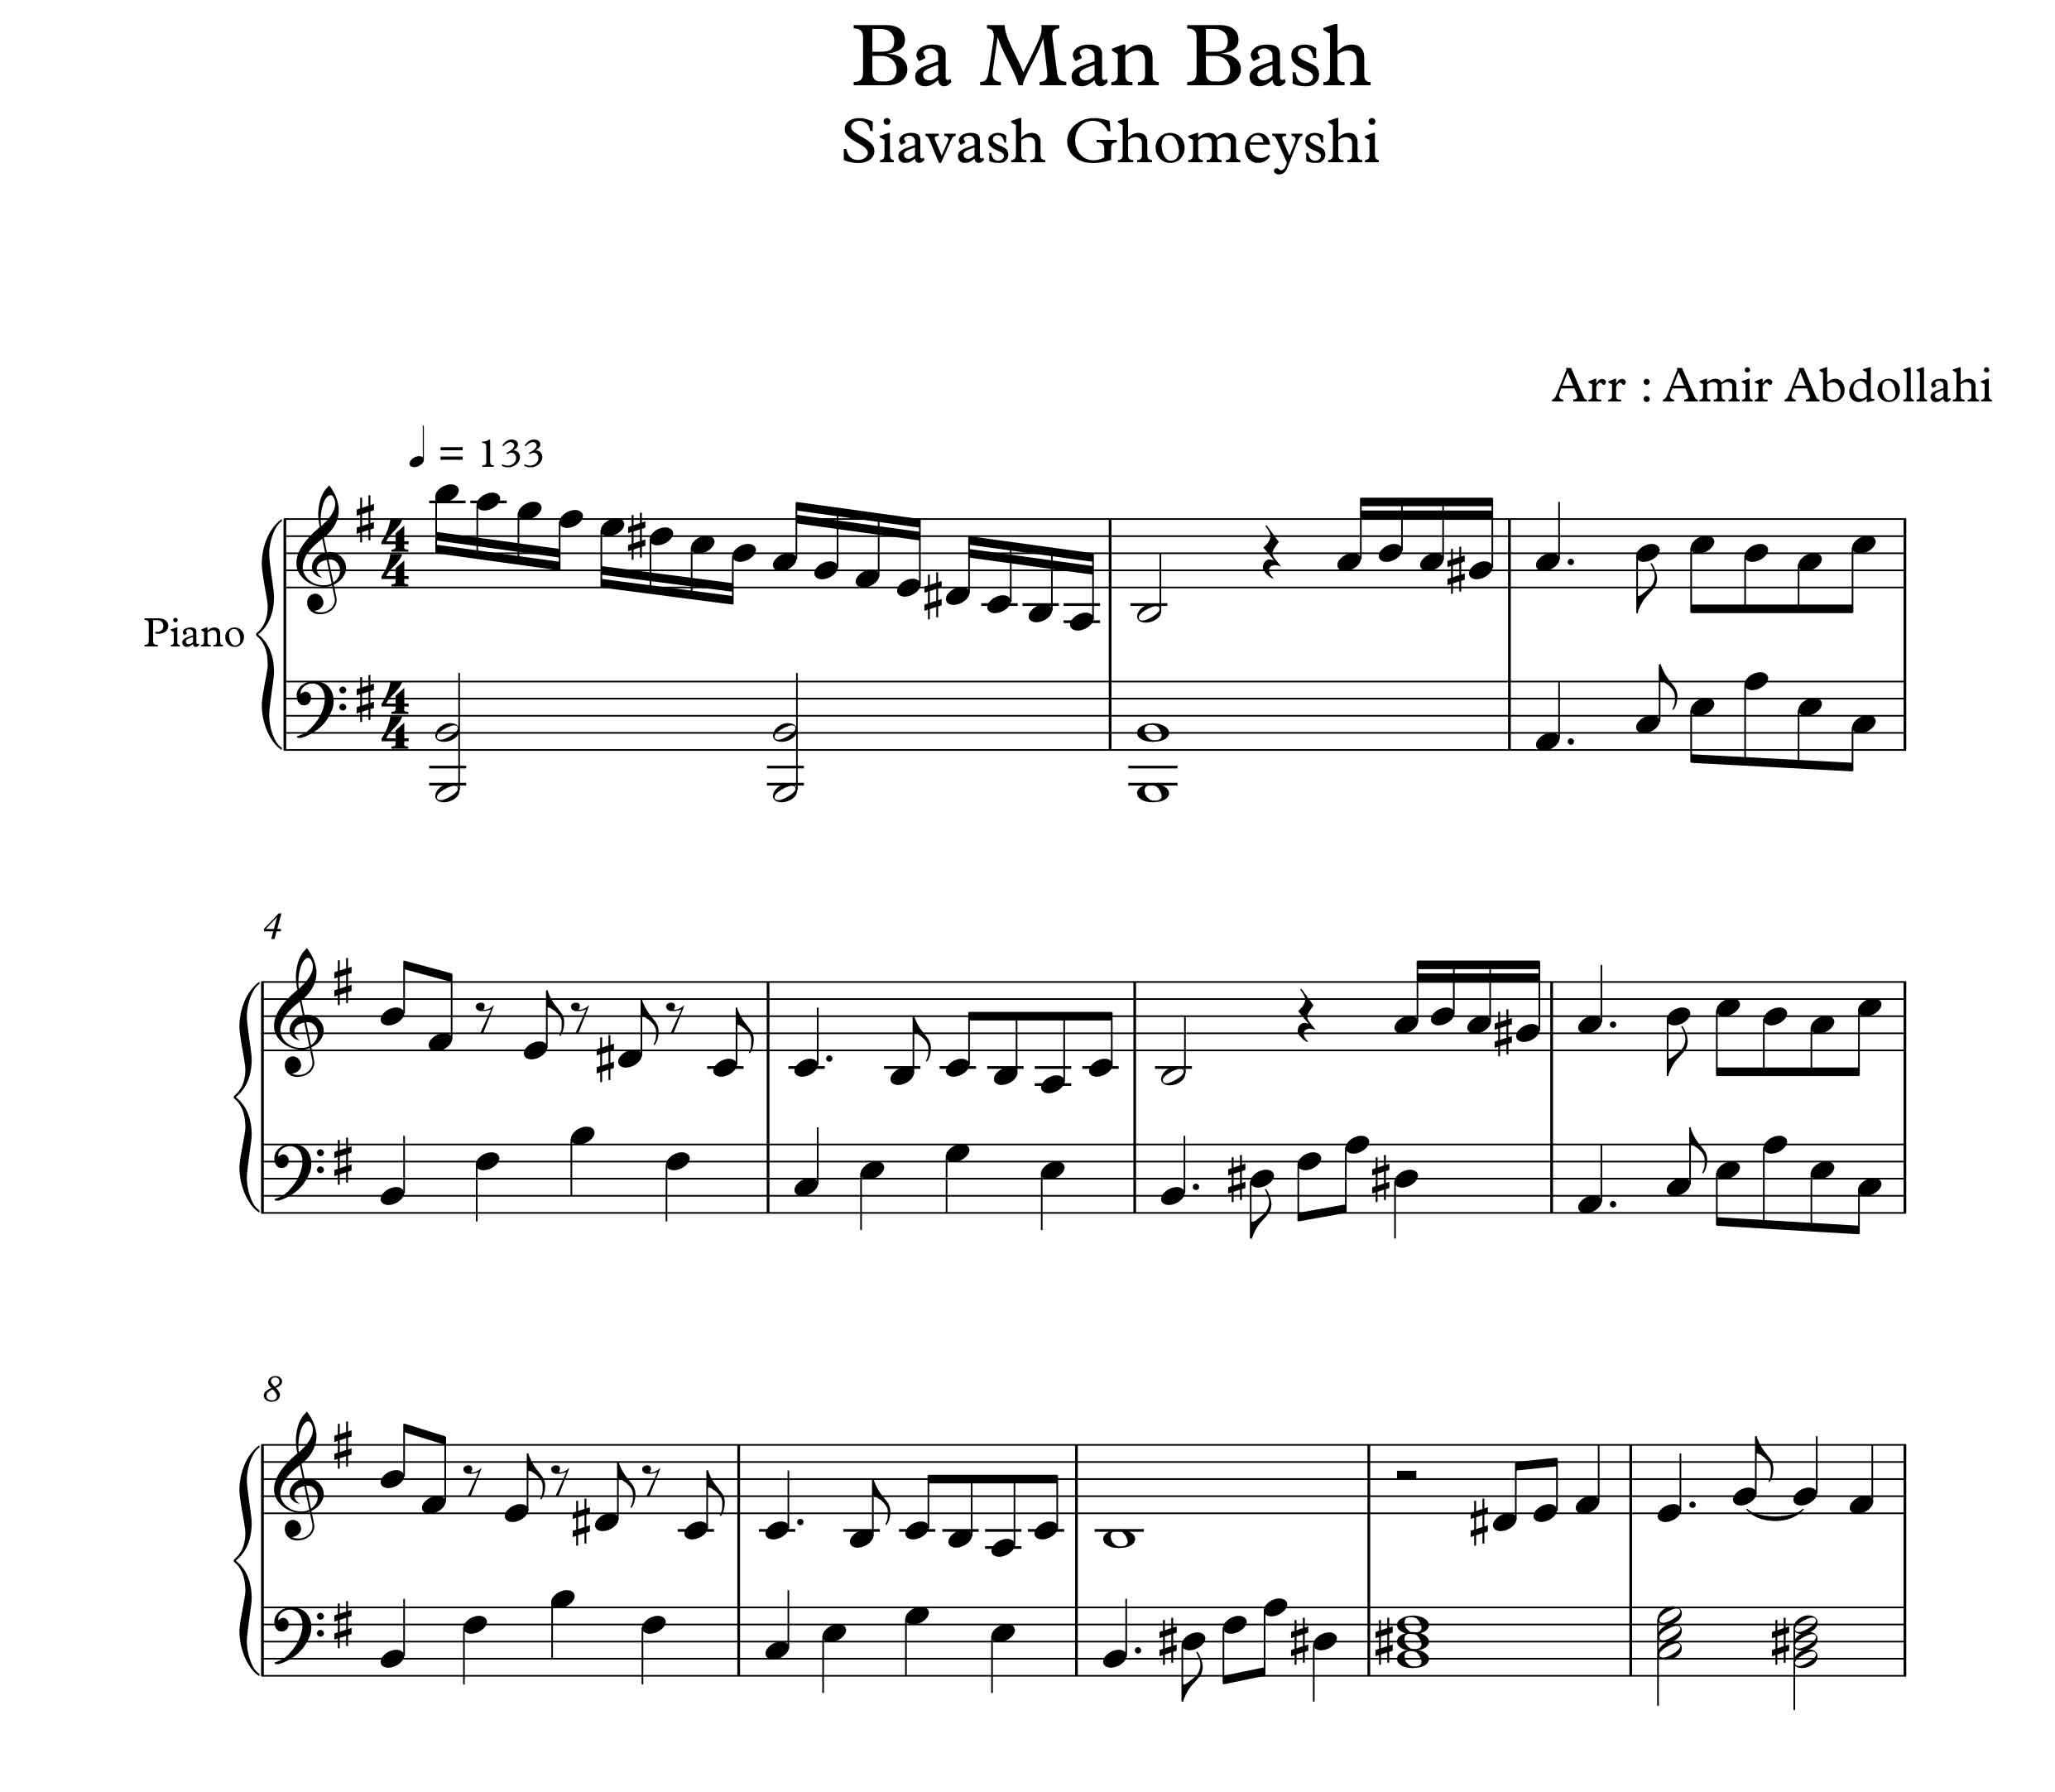 نت پیانو آهنگ بامن باش از سیاوش قمیشی